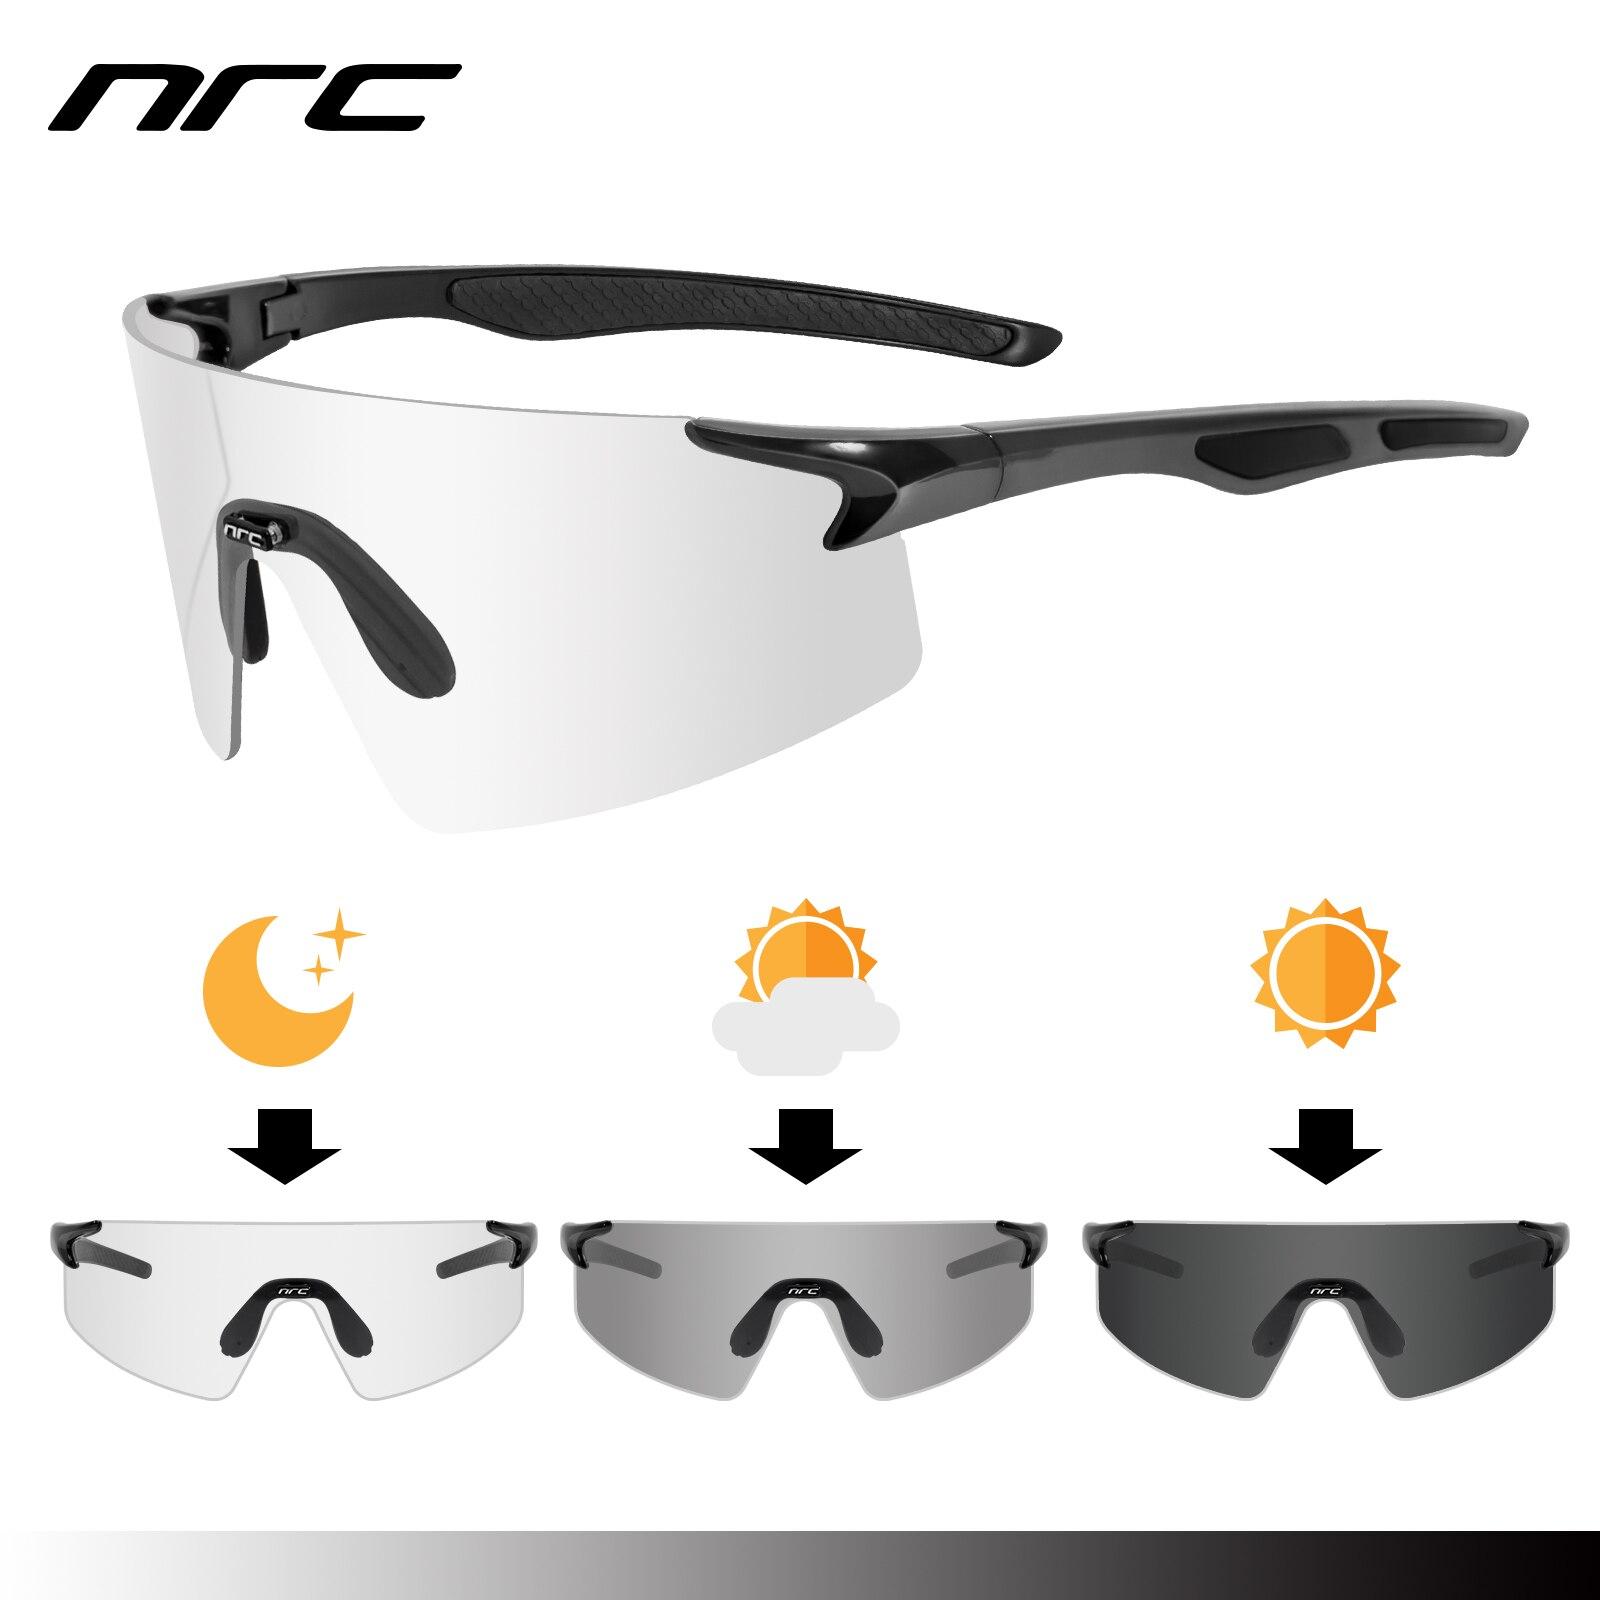 NRC 3 Lens UV400 occhiali da ciclismo TR90 sport occhiali da bicicletta MTB Mountain Bike pesca escursionismo equitazione occhiali per uomo donna 2